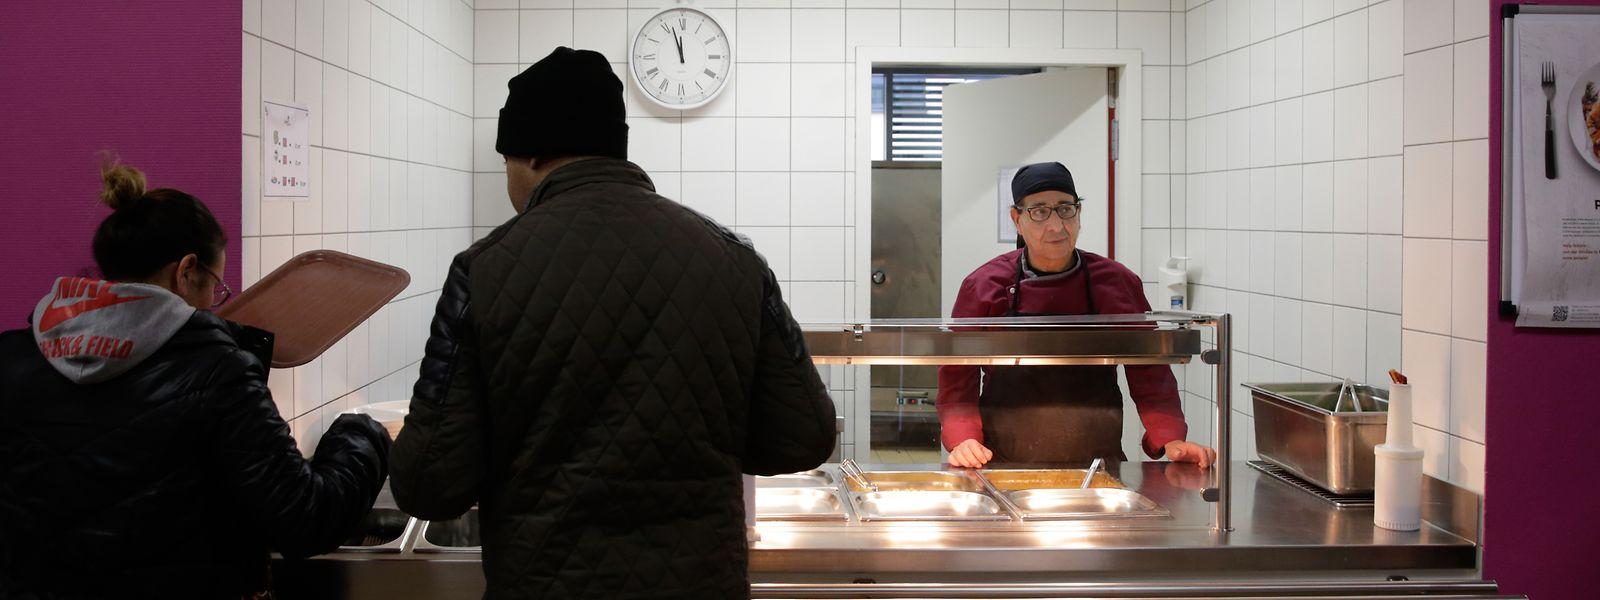 Signe important de la dégradation de la situation d'une frange de la population, l'arrivée de «nouveaux visages» au sein des restaurants sociaux du pays traduit les effets de la crise sur les plus fragiles.